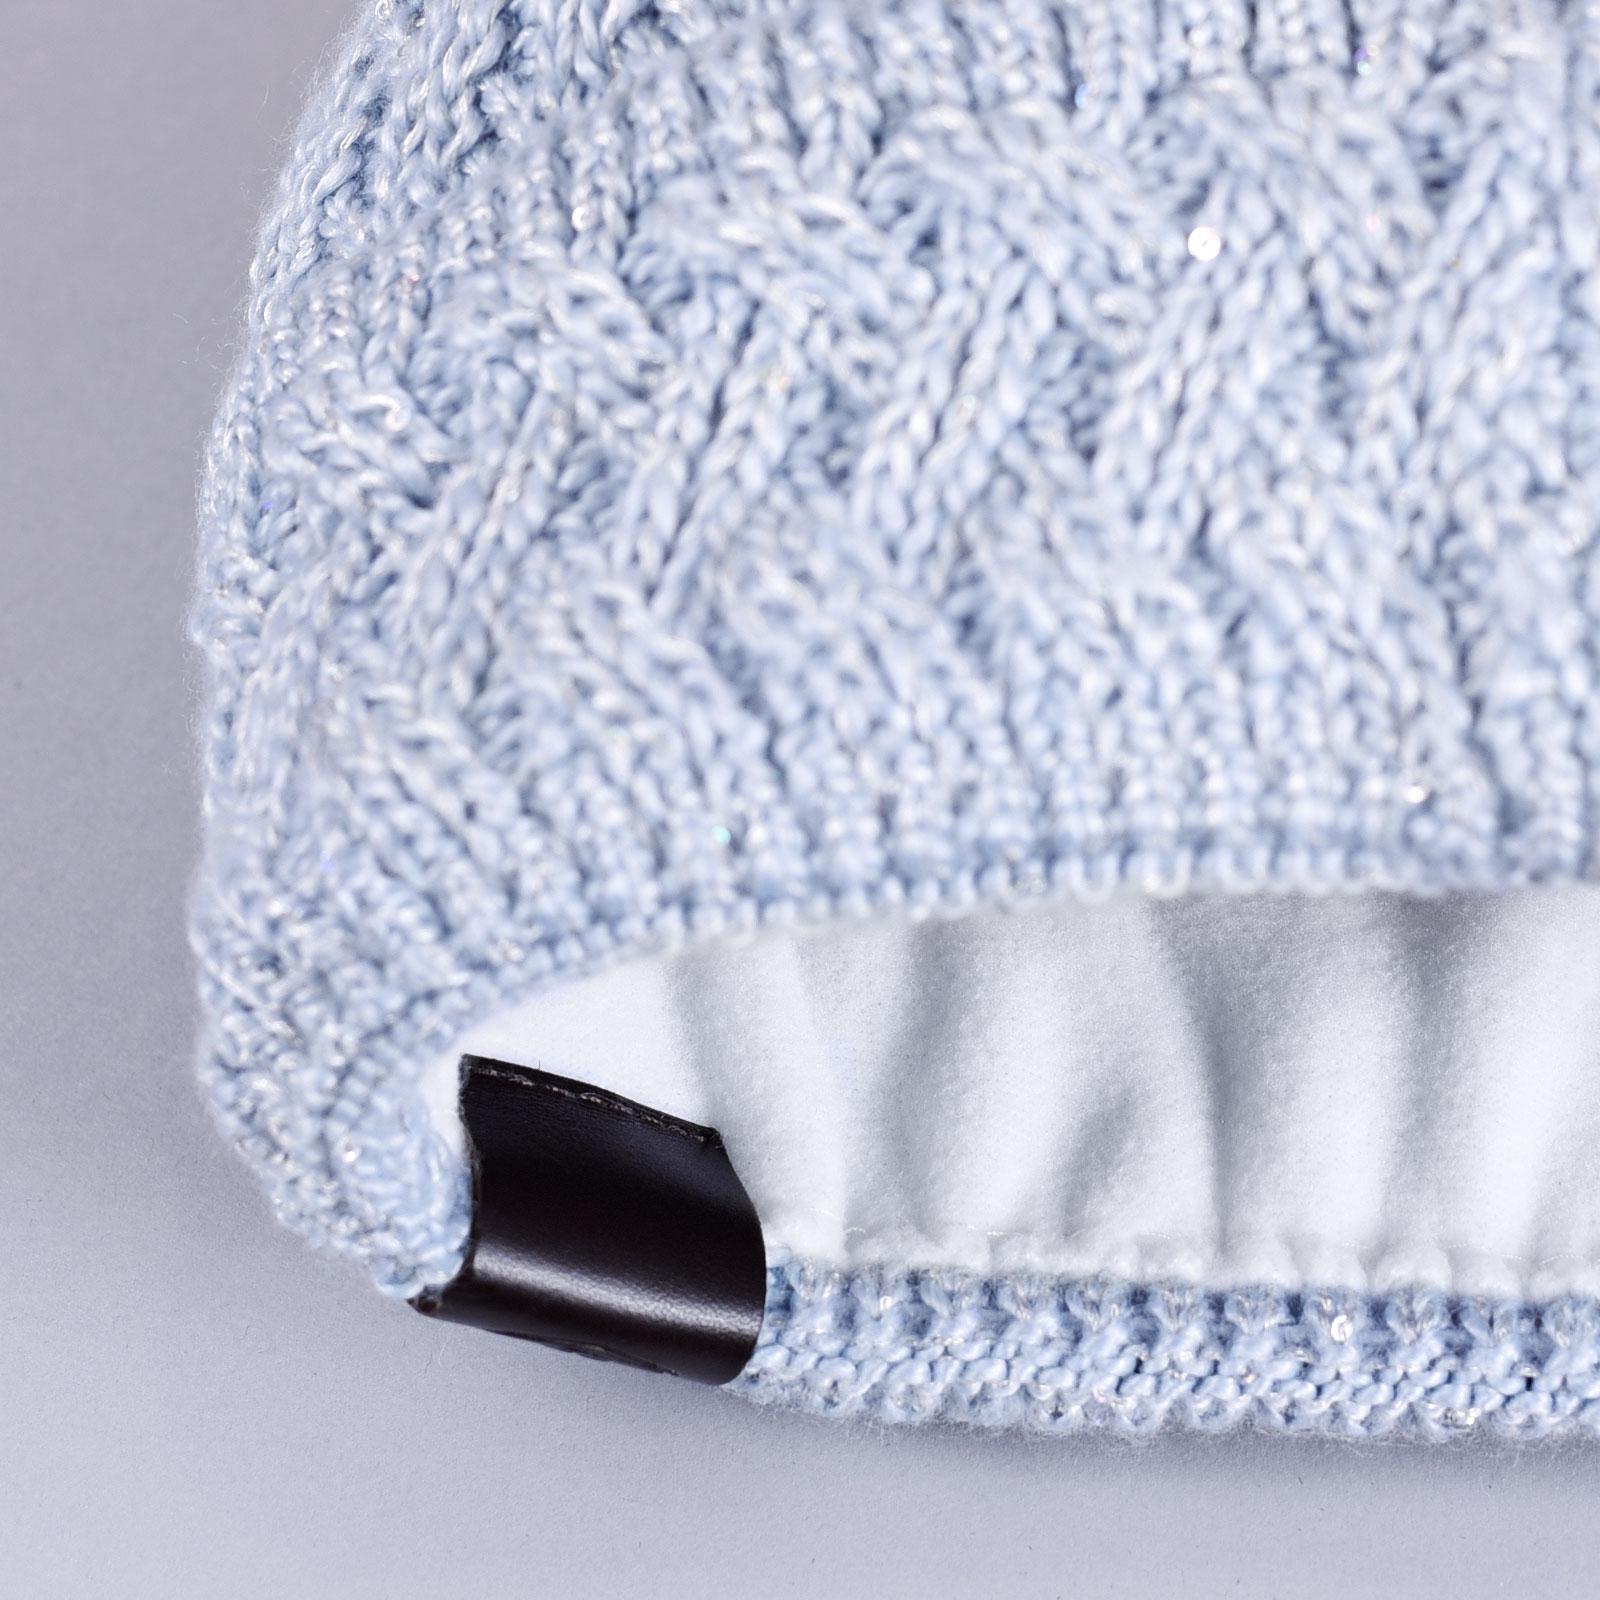 CP-01031-D16-2-bonnet-bleu-ciel-doublure-polaire